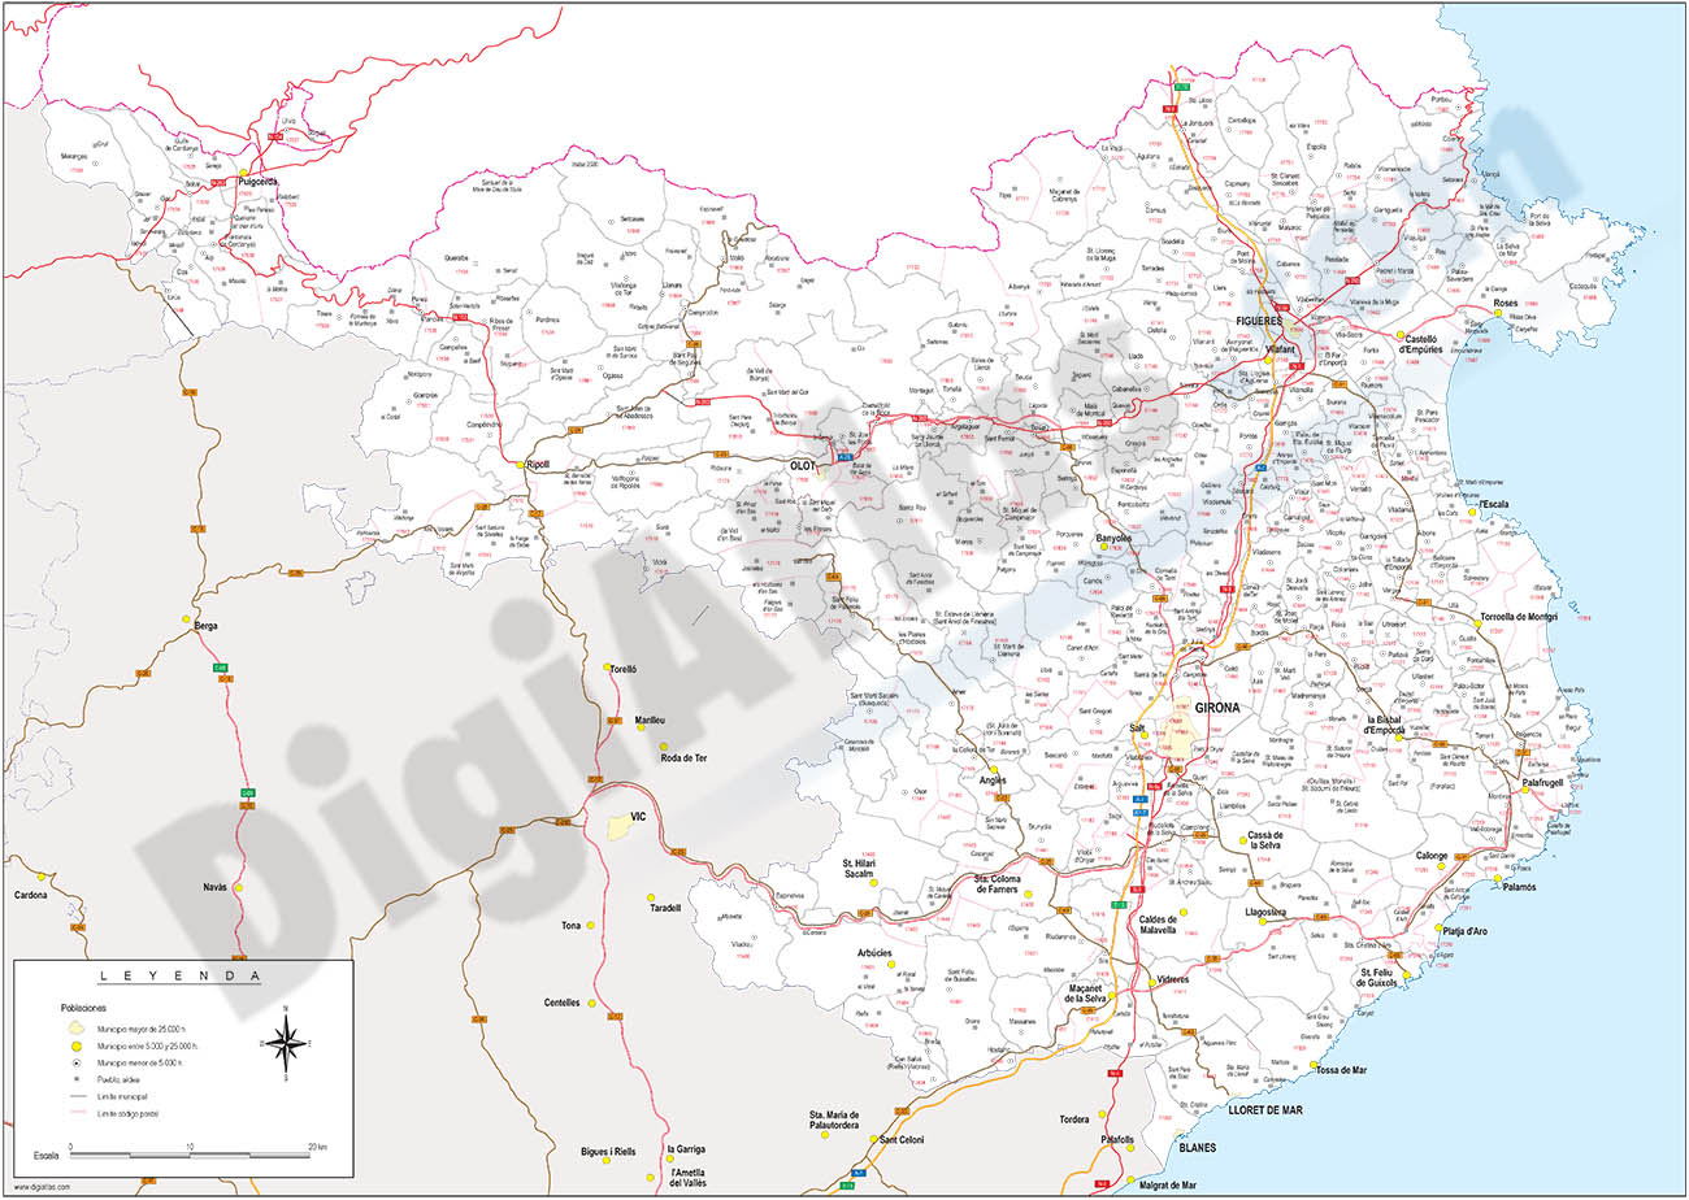 Girona - mapa provincial con municipios, códigos postales y carreteras